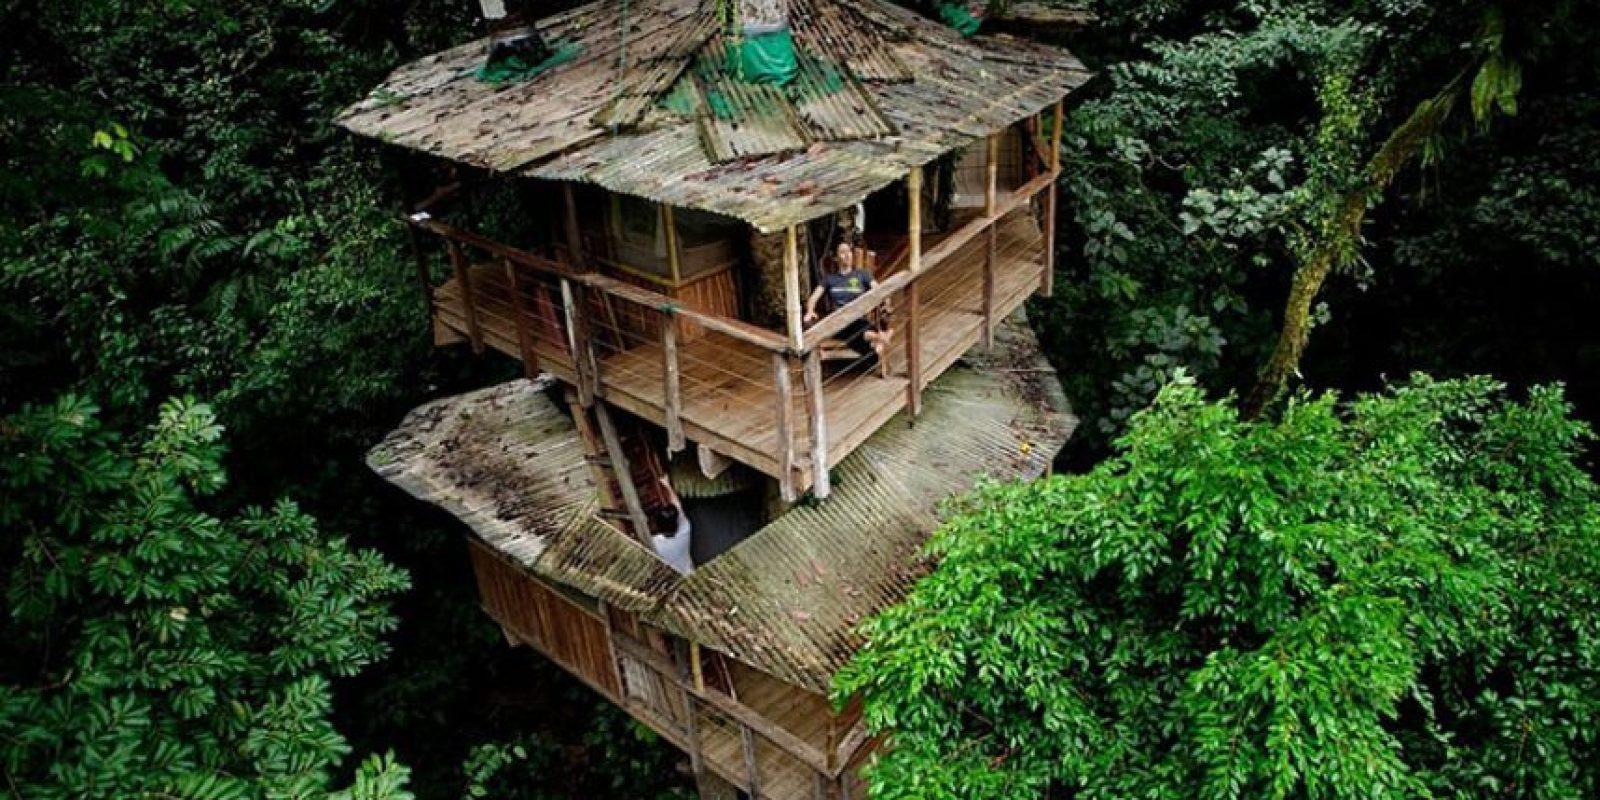 Esta casa del árbol es una parte de la comunidad treehouse Finca Bellavista, auto-sostenible y respetuosa con el medio ambiente en Costa Rica. Toda la propiedad de la comunidad ahora ocupa más de 600 hectáreas, y está todo conectado por puentes colgantes! Foto:architecturendesign.net